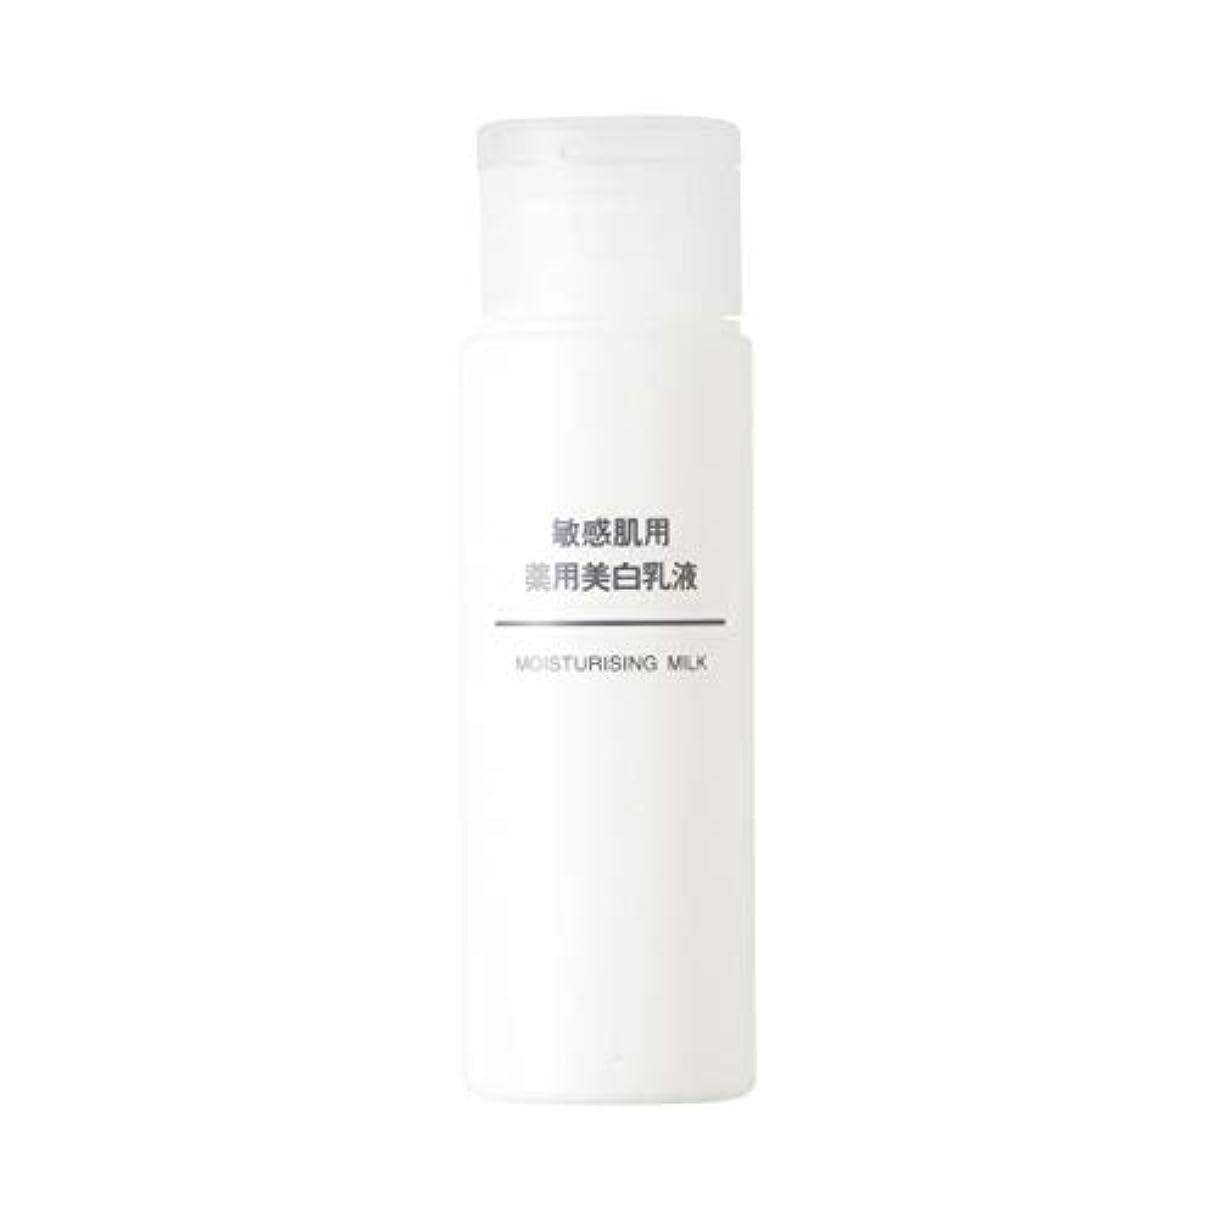 コーラス脱走狂気無印良品 敏感肌用 薬用美白乳液(携帯用) (新)50ml